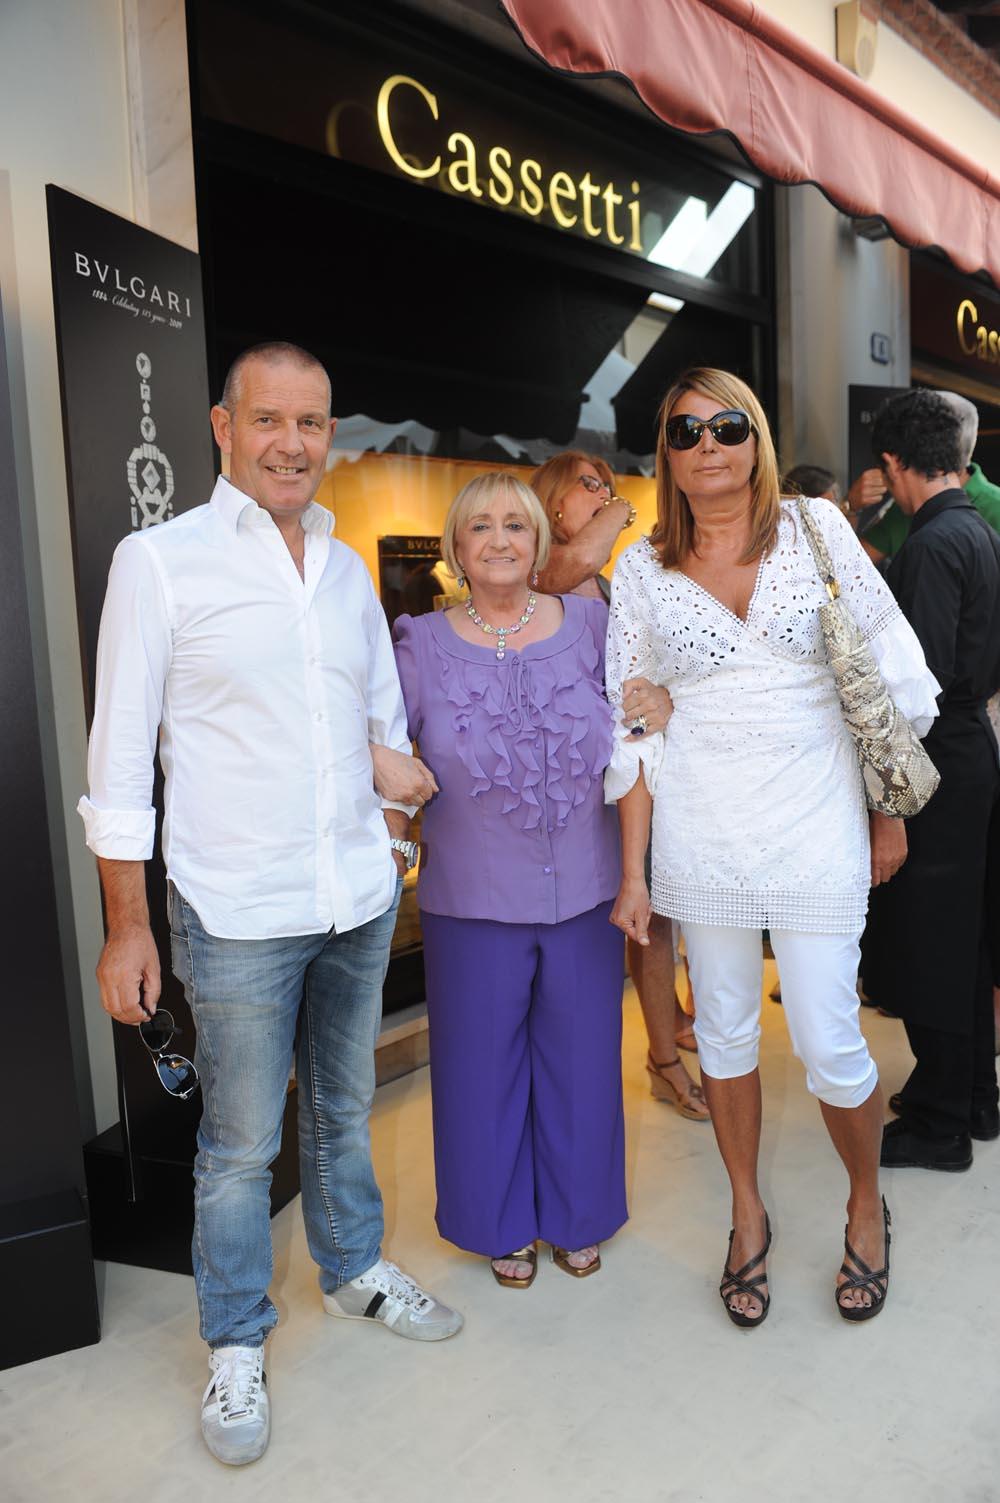 Forte dei Marmi  19 luglio 20009  festa e sfilata Bulgari da Cassetti  Mgrazia Cassetti con Flavio e Rita Castellani